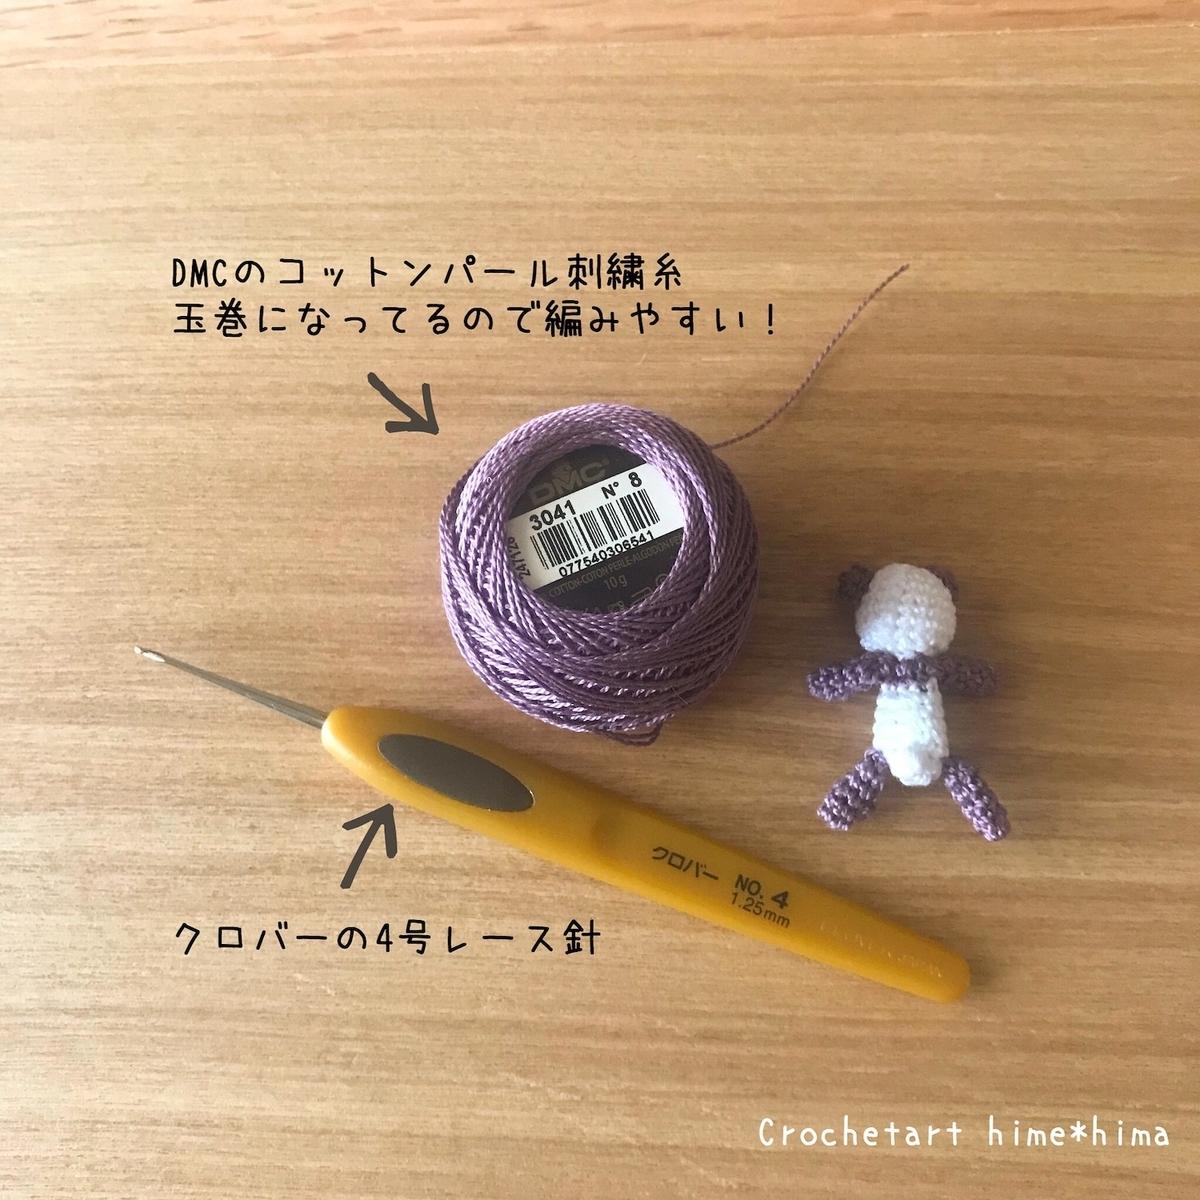 DMCコットンパール8番玉巻刺繍糸とクロバーの4号レース針